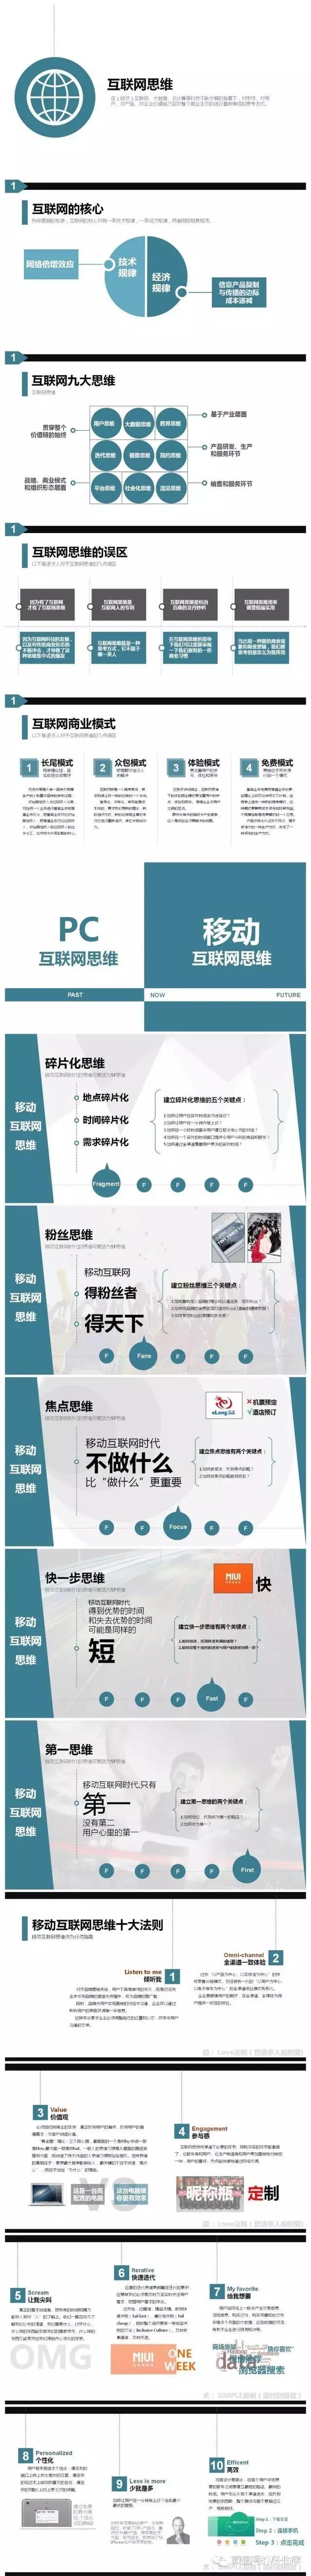 粤能环保告诉您:什么才是真正的移动互联网思维